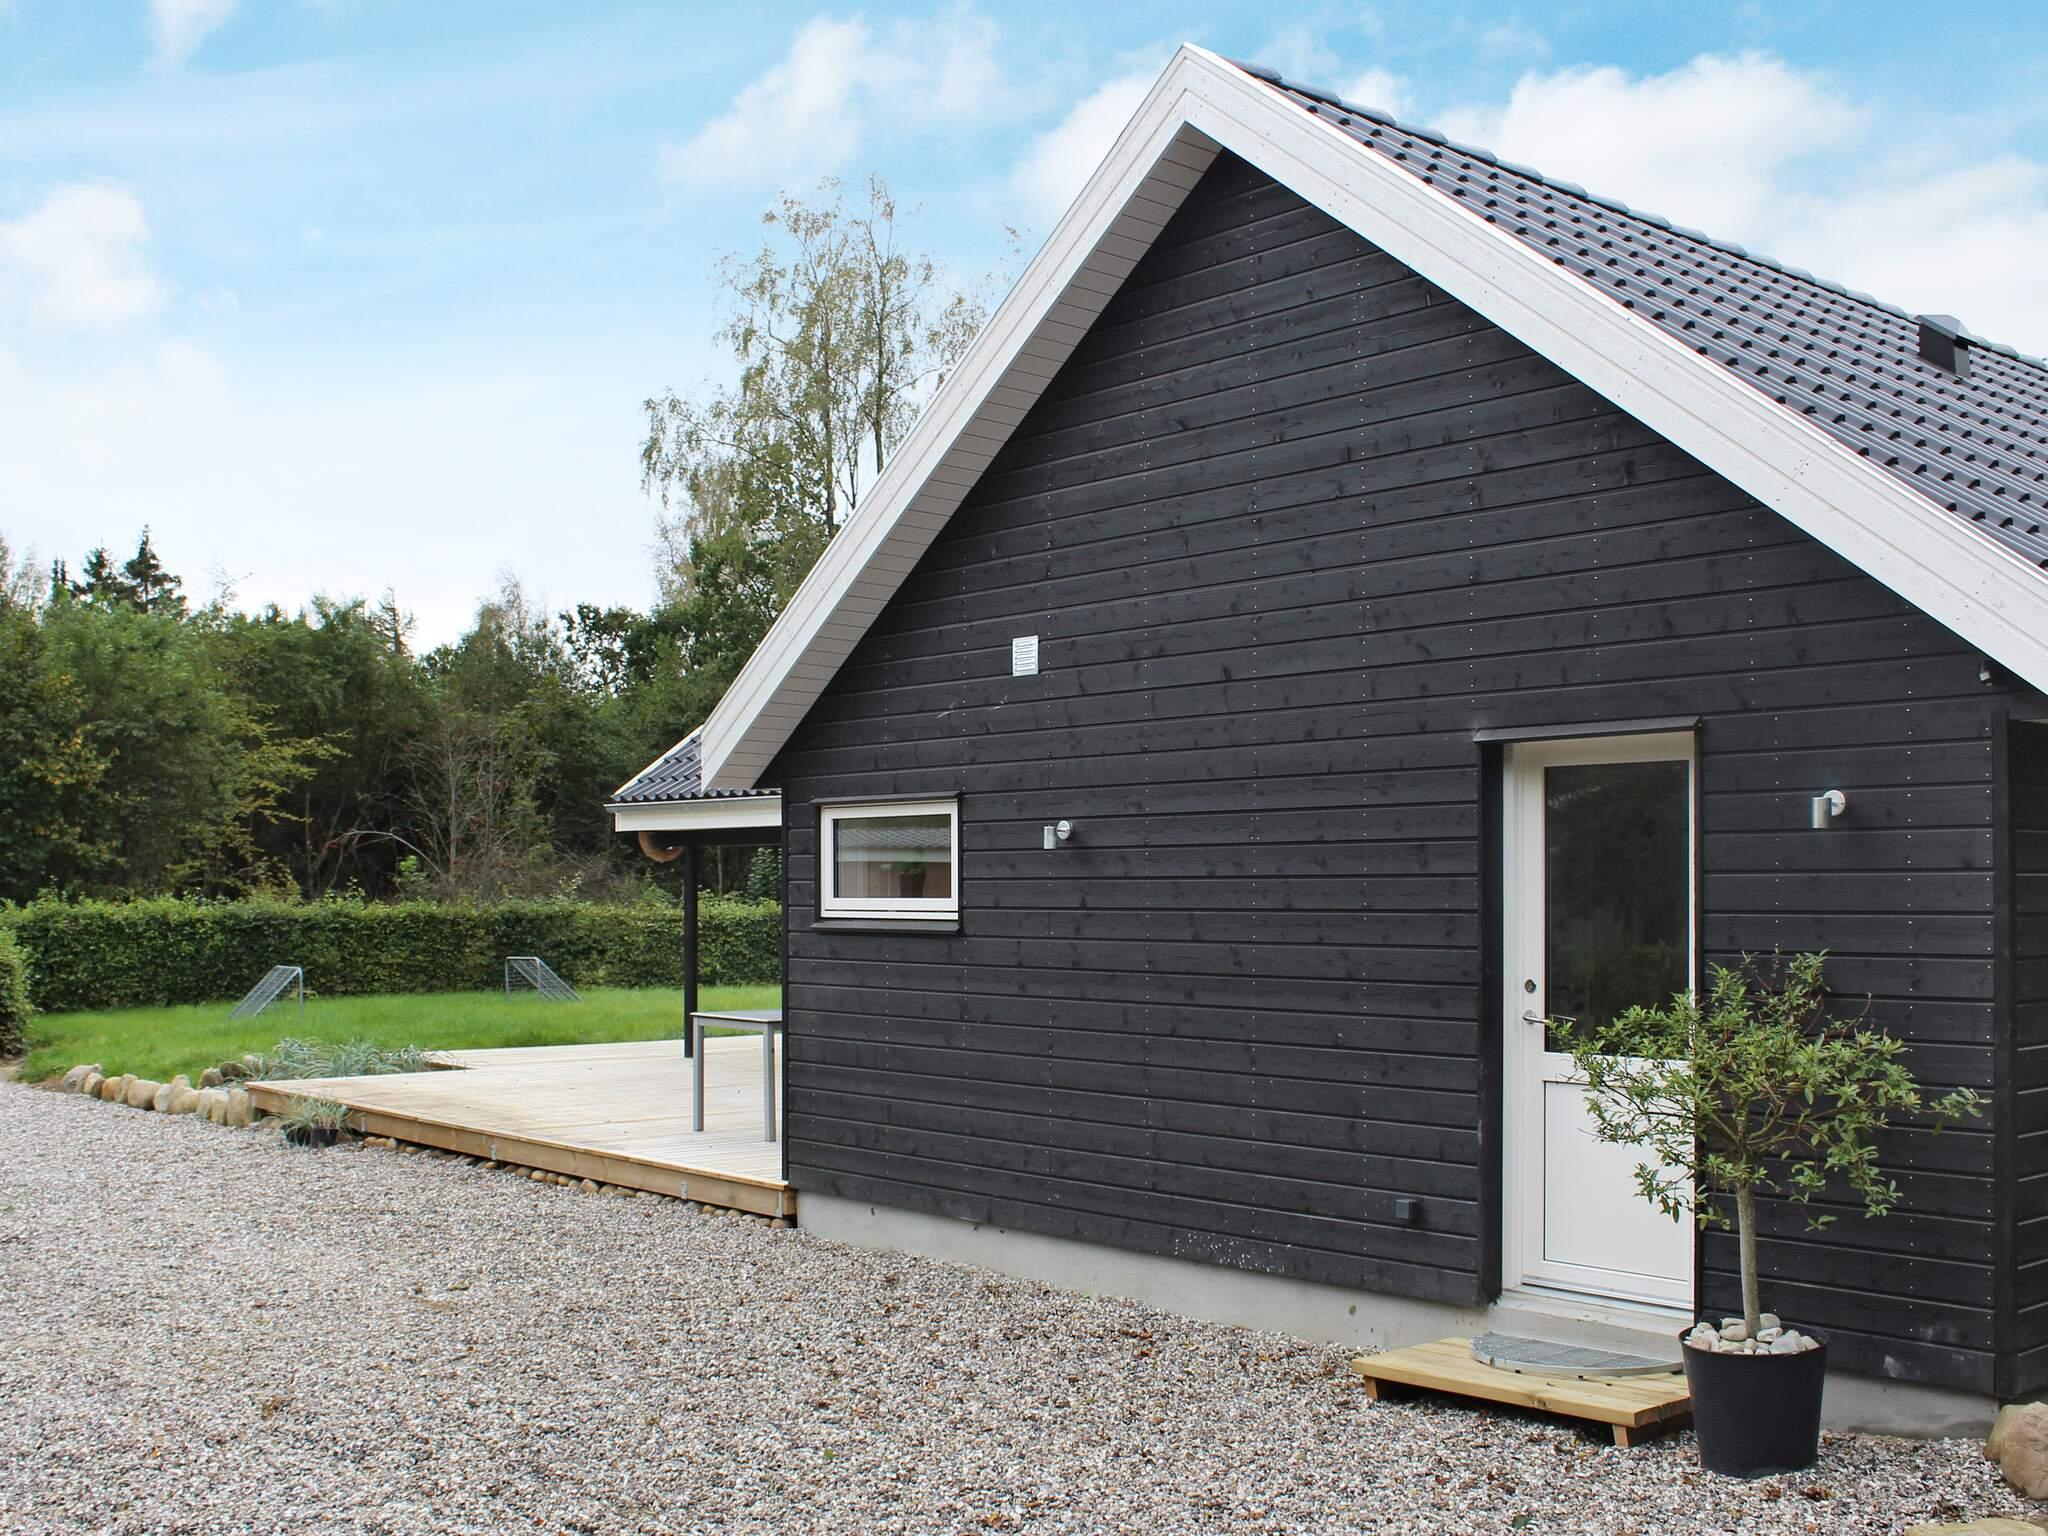 Ferienhaus Silkeborg (2523581), Silkeborg, , Ostjütland, Dänemark, Bild 22